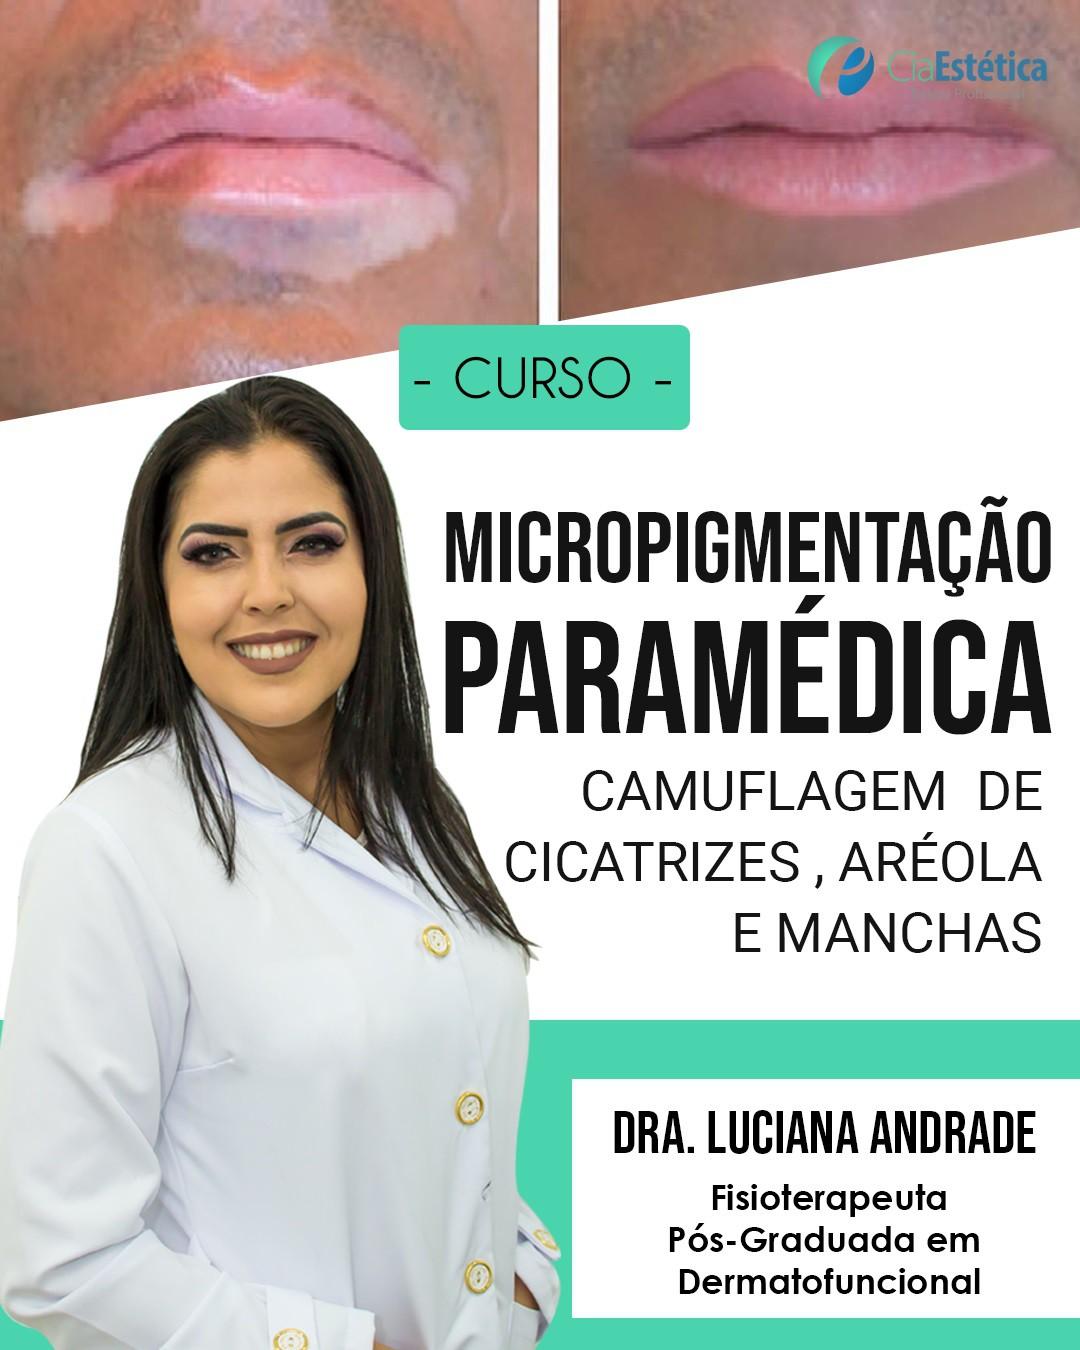 Curso de Micropigmentação Paramédica